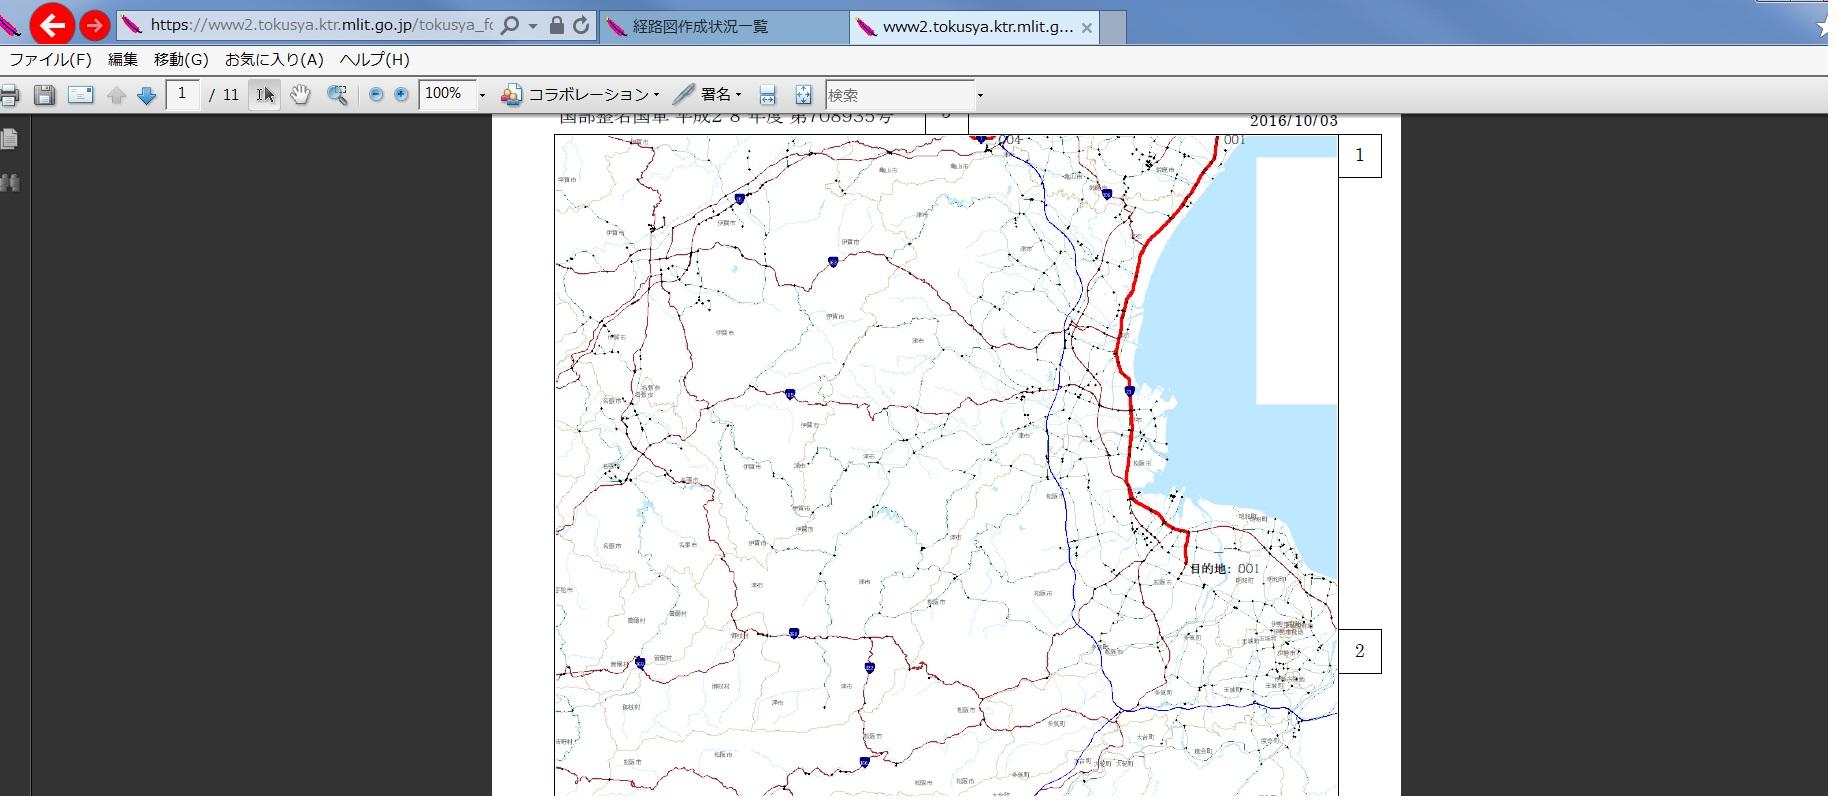 経路地図のプリント